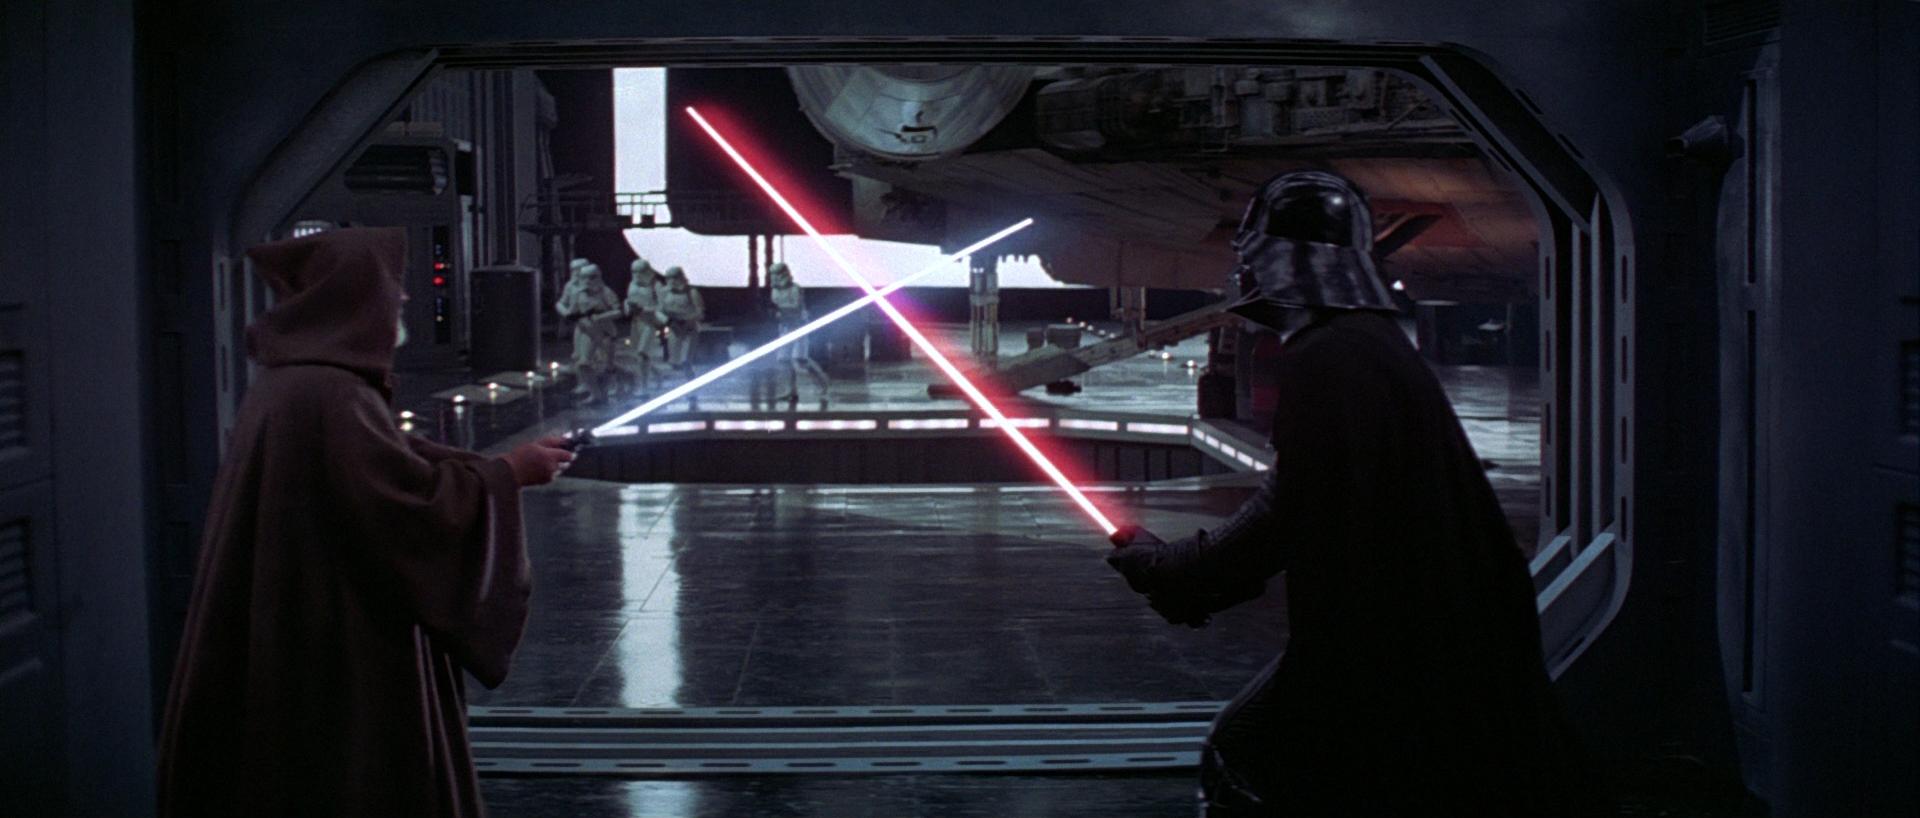 star-wars-episode-iv-obi-wan-kenobi-vs-darth-vader